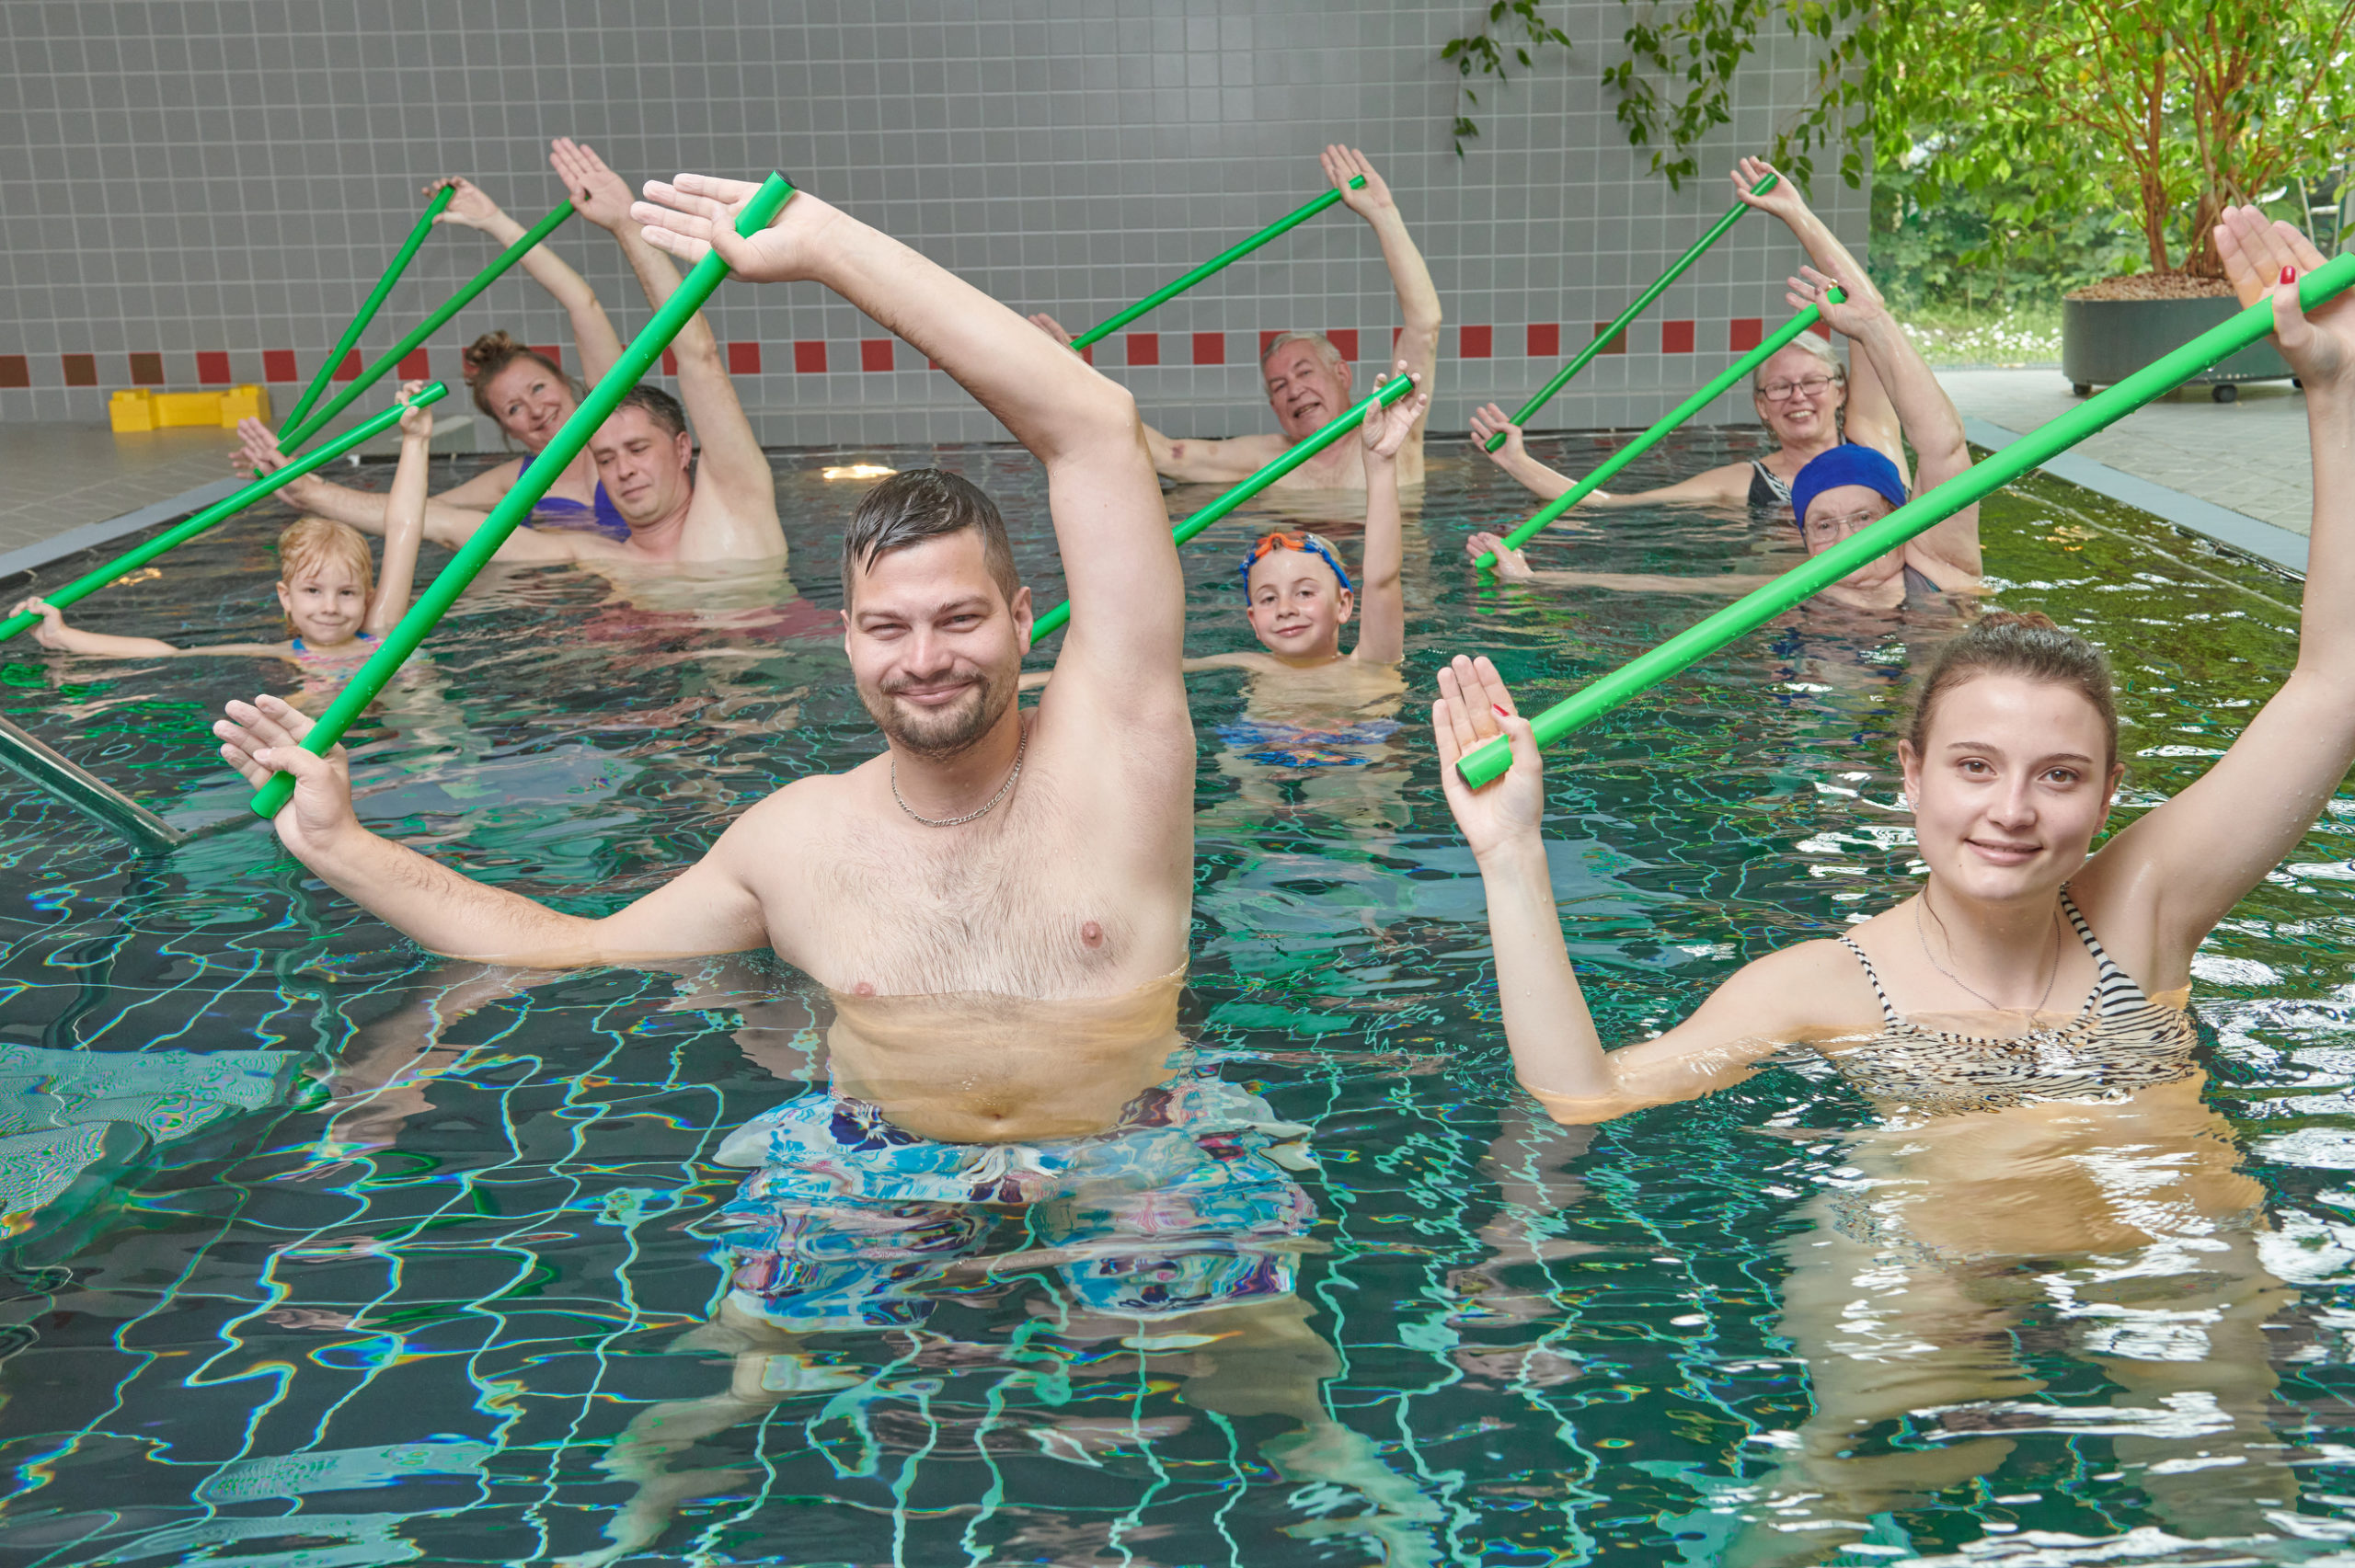 Die Übungen finden im warmem Wasser (Warmwassergymnastik)  und stets in einer Gruppe statt.